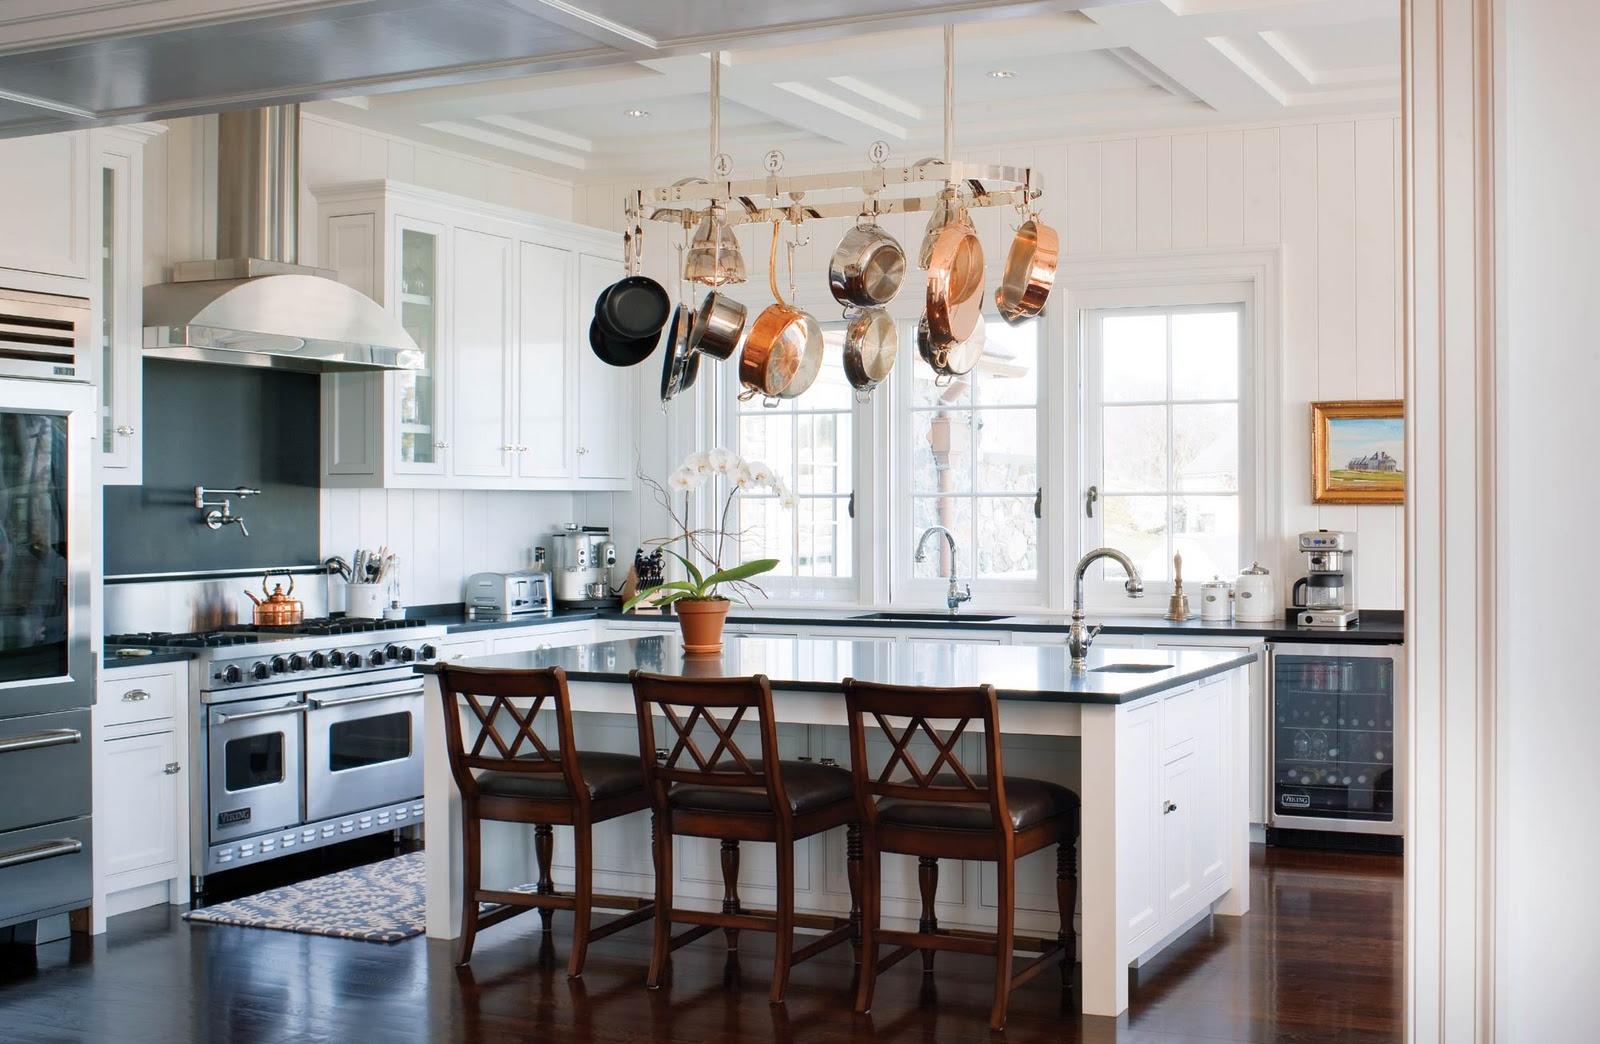 Kam umiestniť v kuchyni panvice? Urobte z nich dekoráciu!